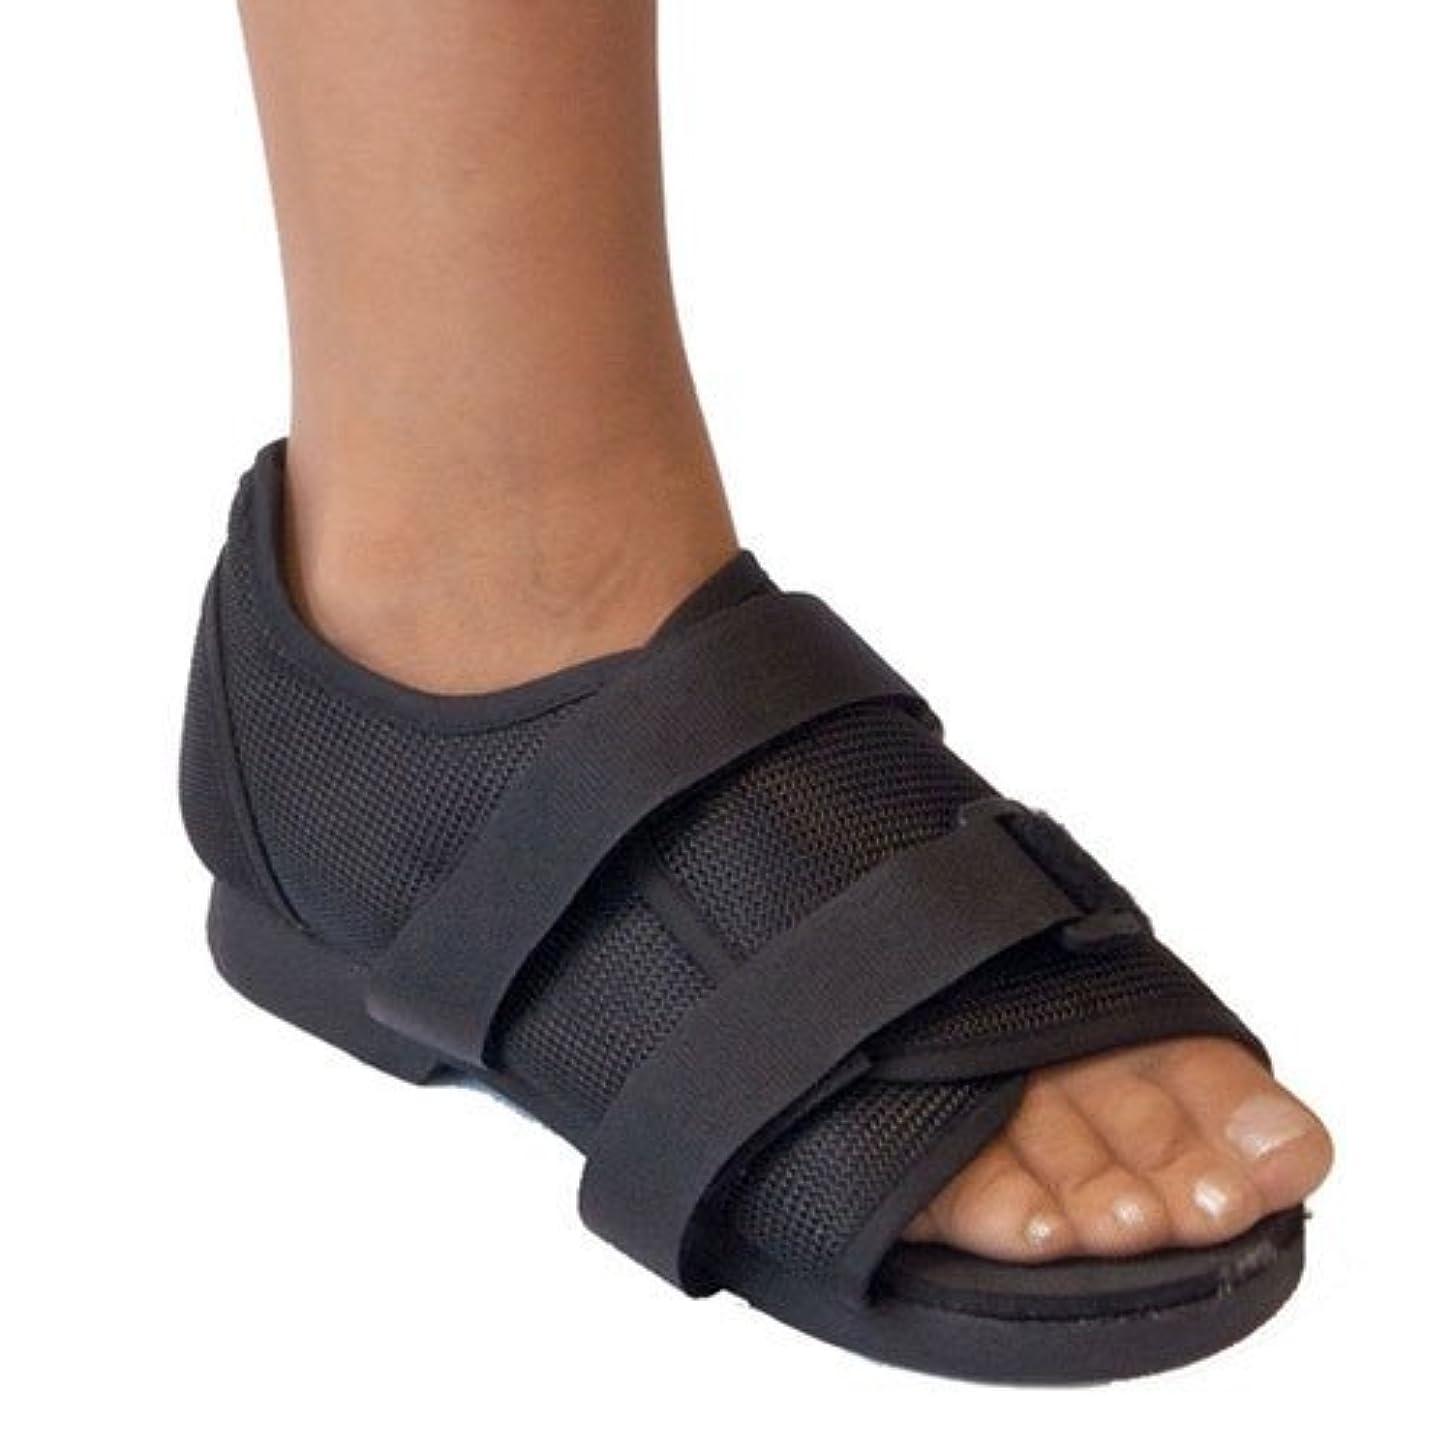 ディレクター透けて見える感謝している術後靴、メディカルウォーキング、骨折した骨の耐久性のあるつま先整形外科サポートブレース。,M